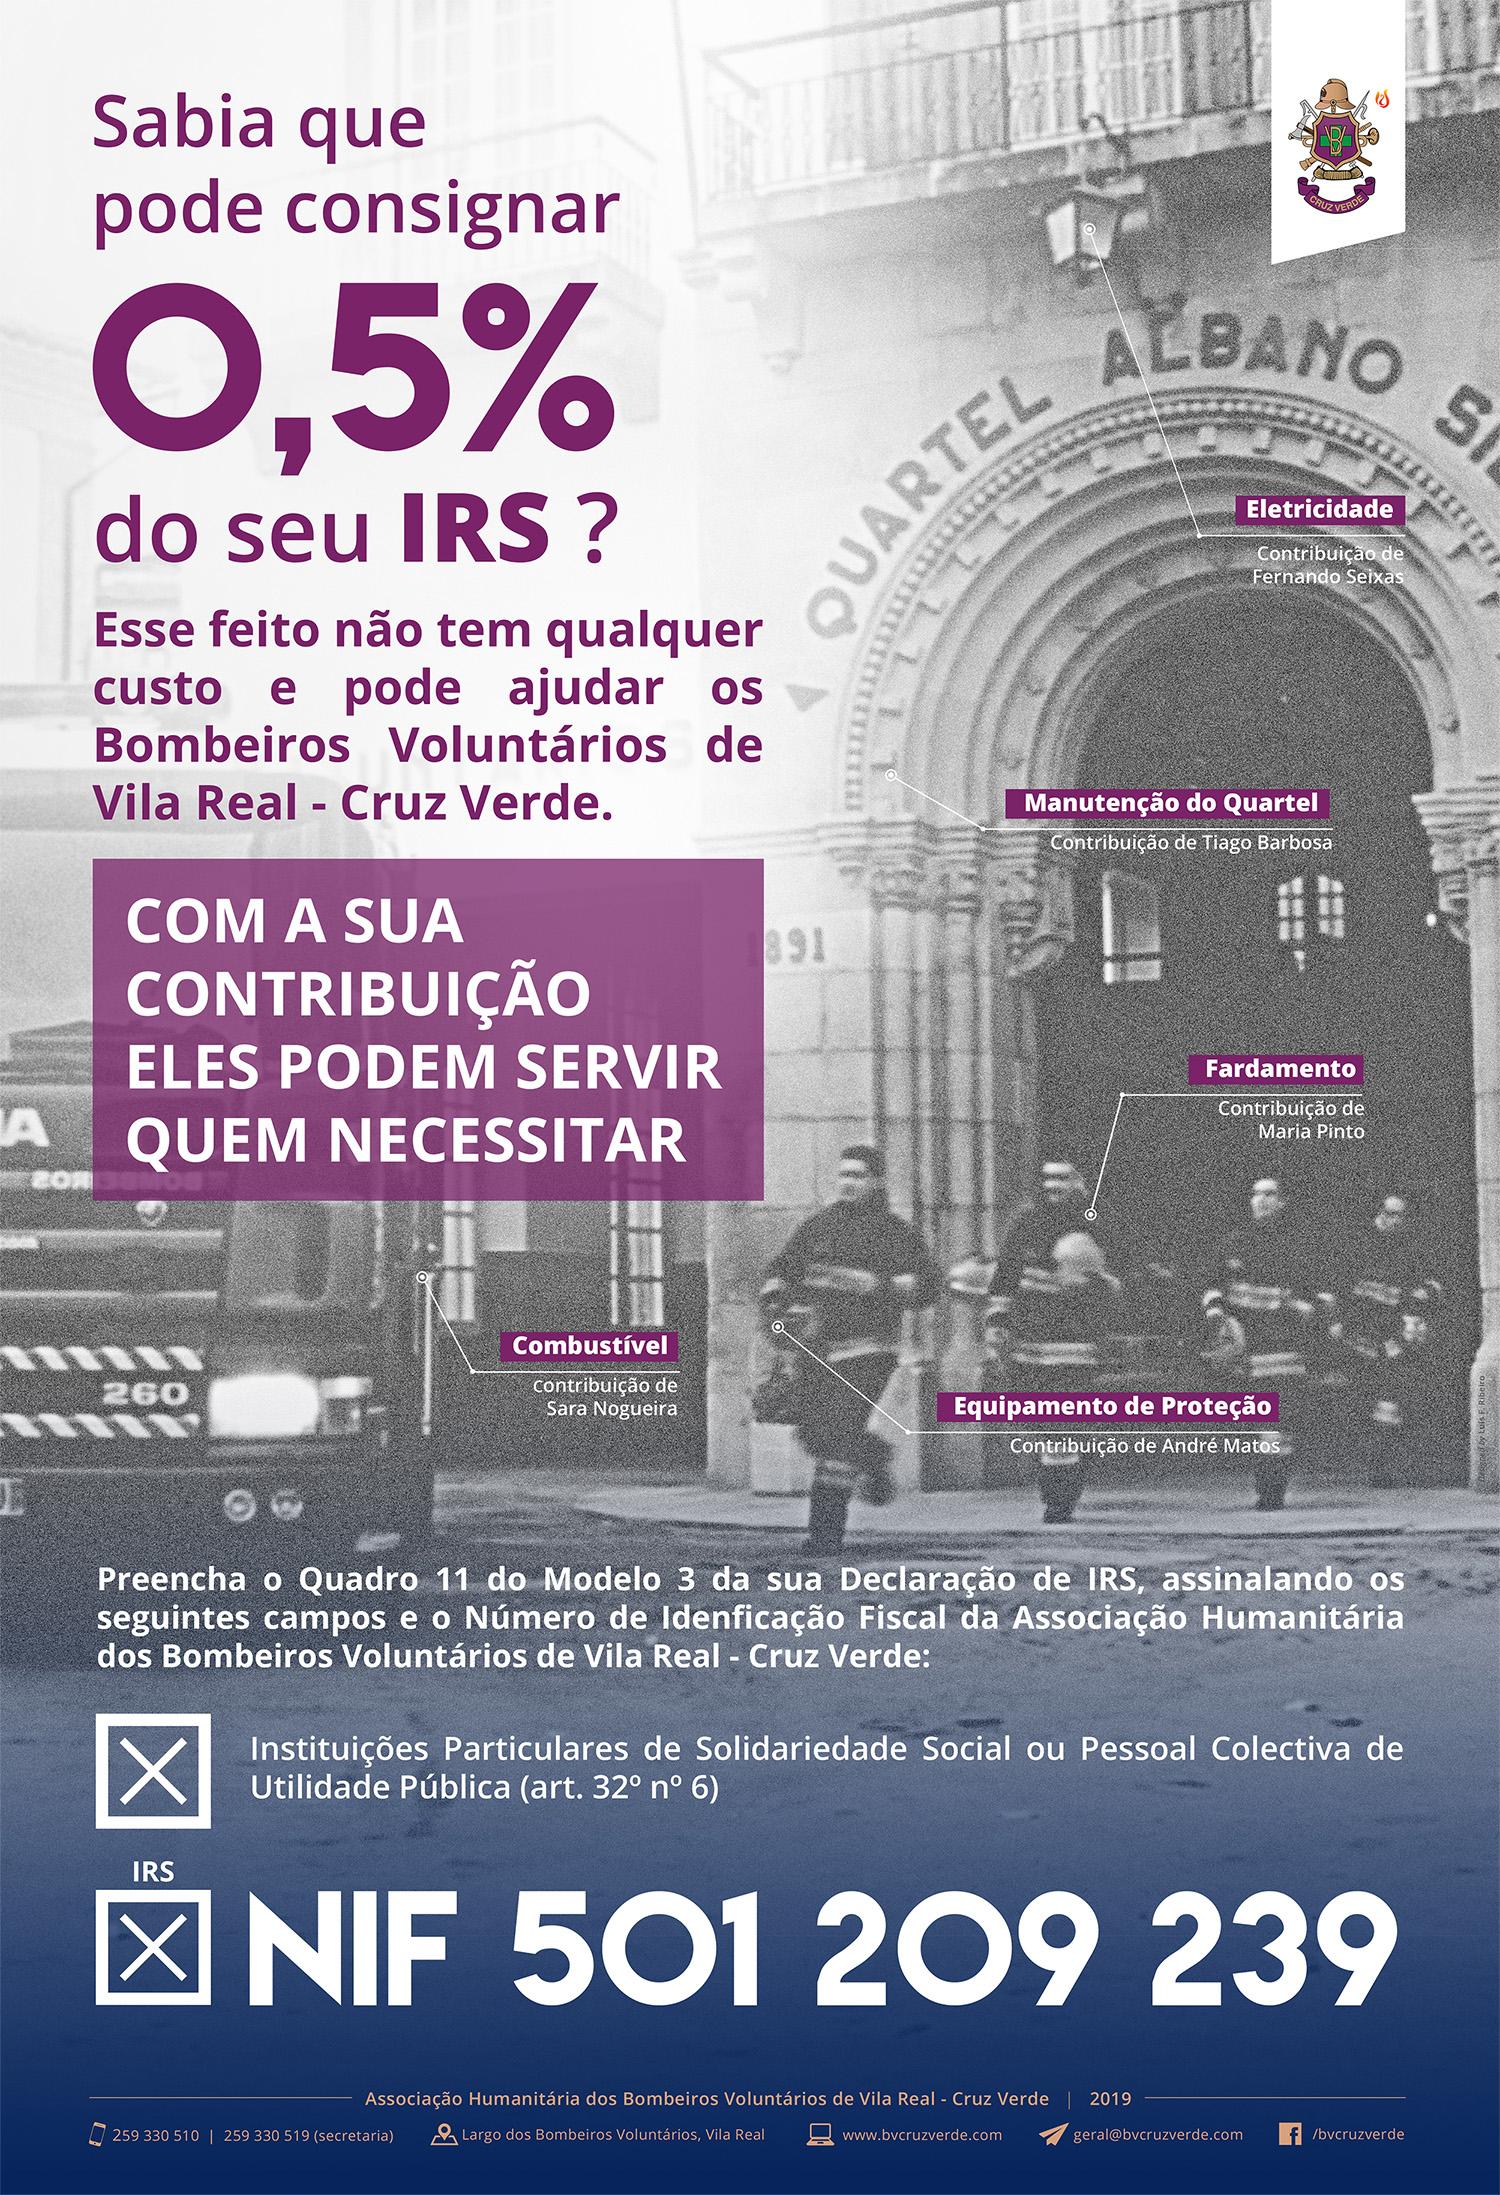 Consignação-IRS-Bombeiros-Vila-Real-Cruz-Verde